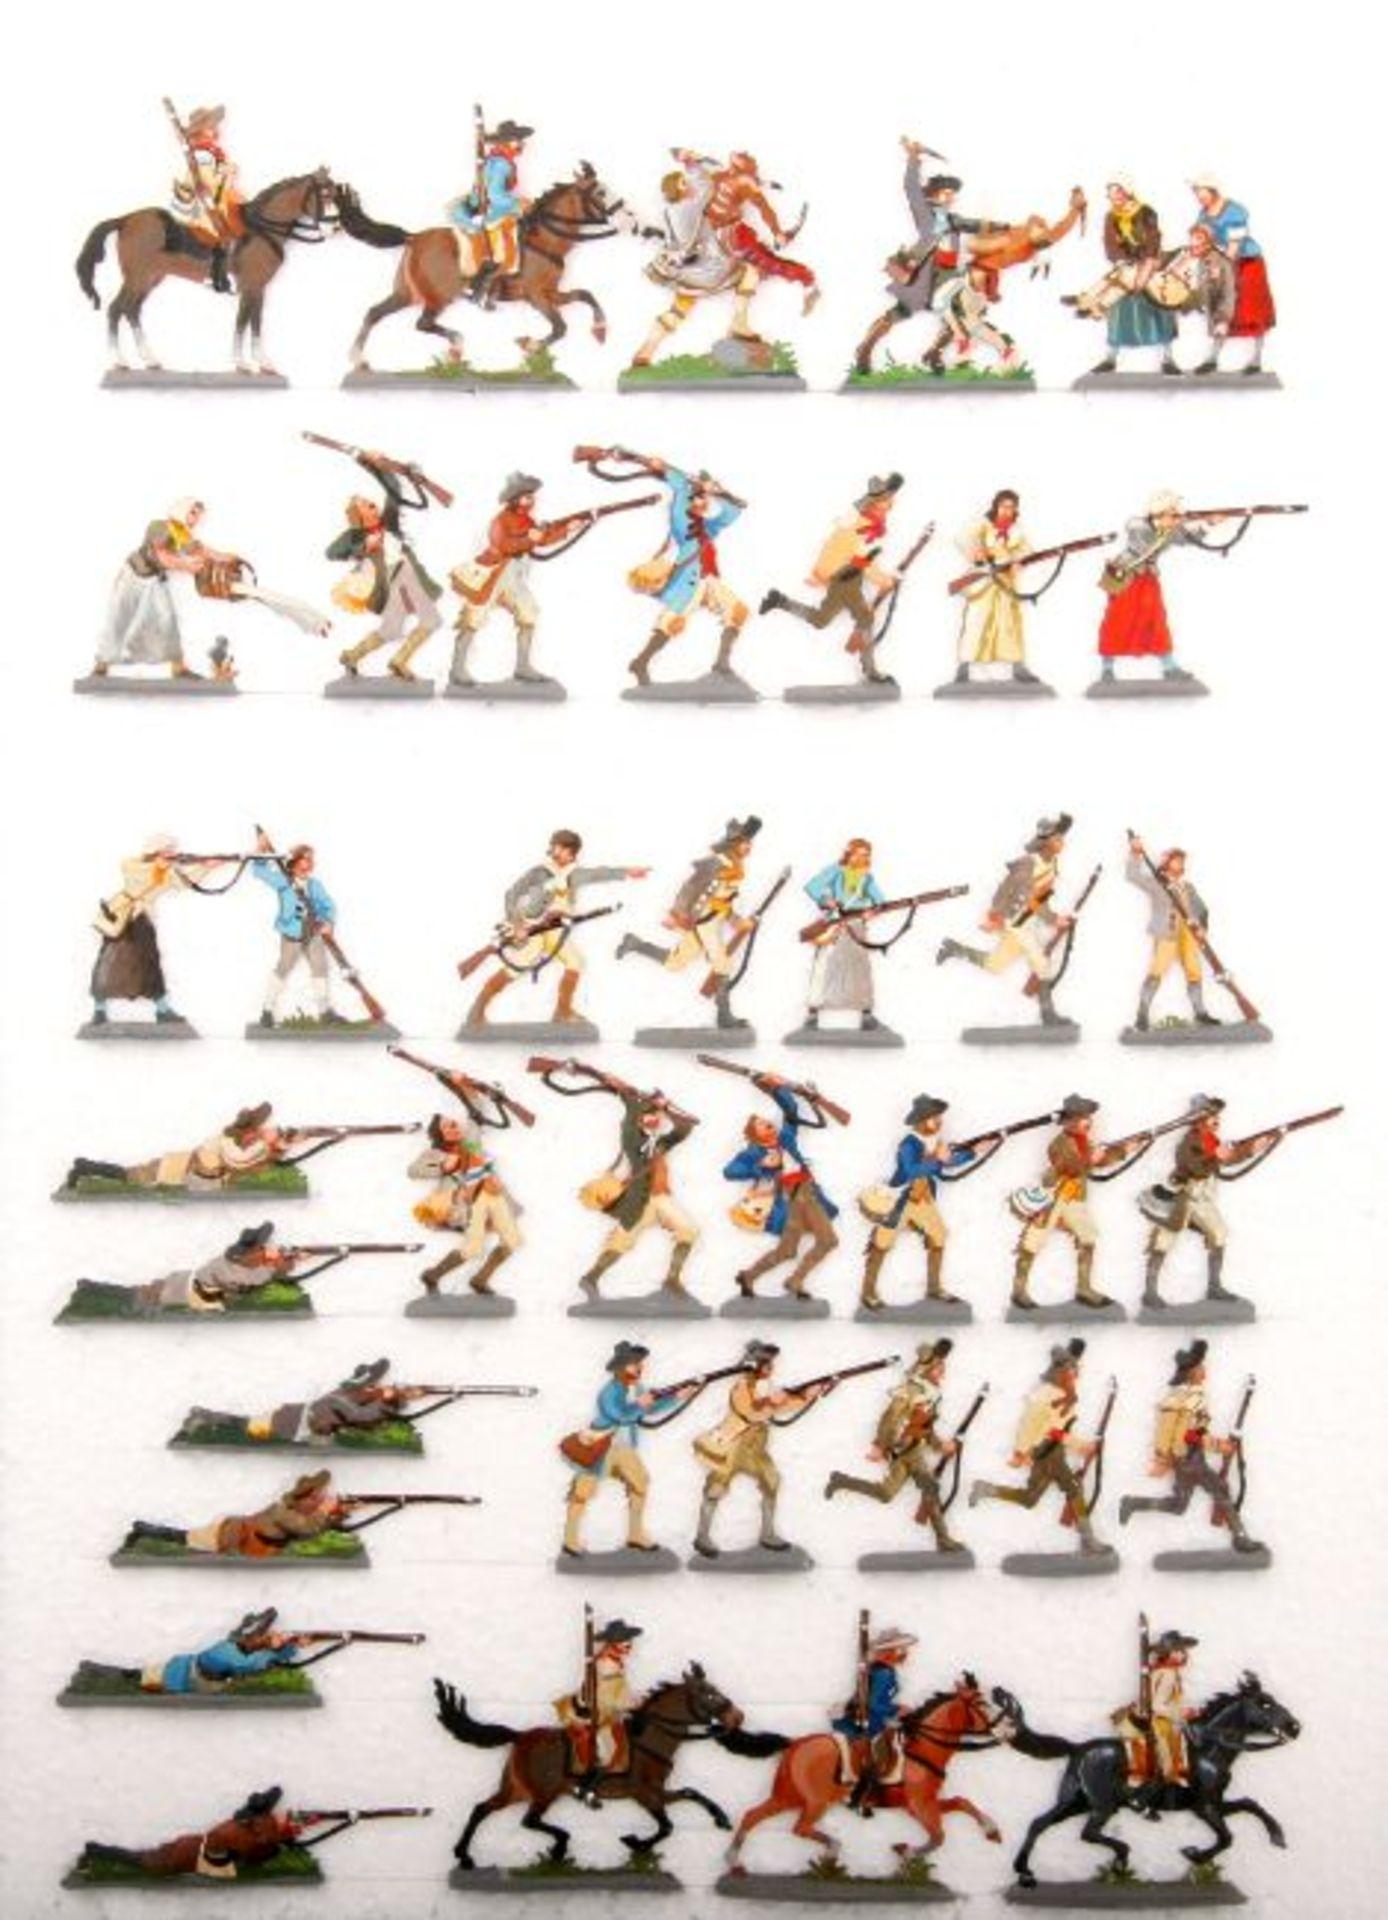 Nordamerika, USA, 18. Jahrhundert, Siedler im Kampf mit Indianern, Loy, gute, schattierte